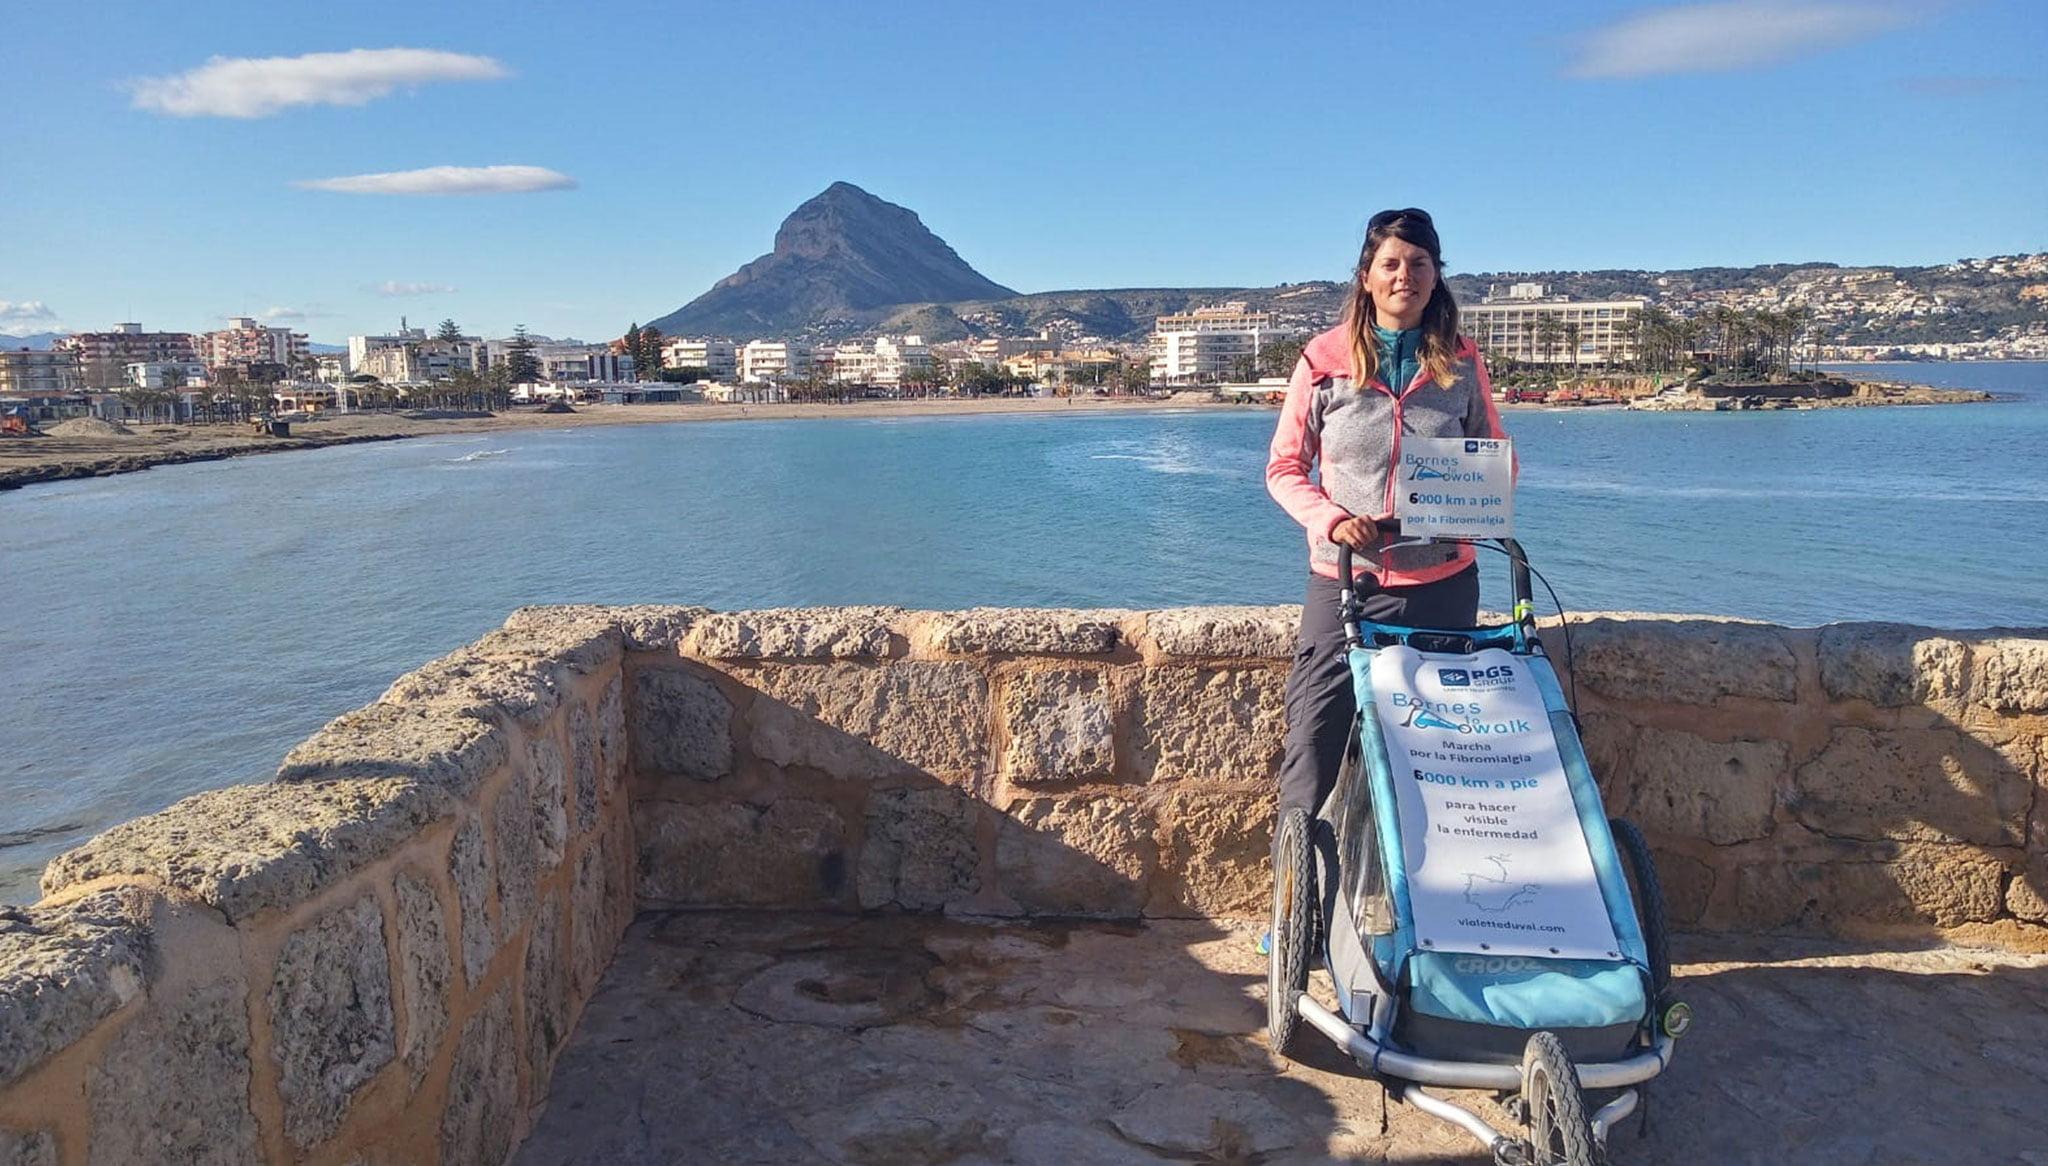 Violette Duval a su paso por Jávea en su aventura de 6000 kilómetros a pie